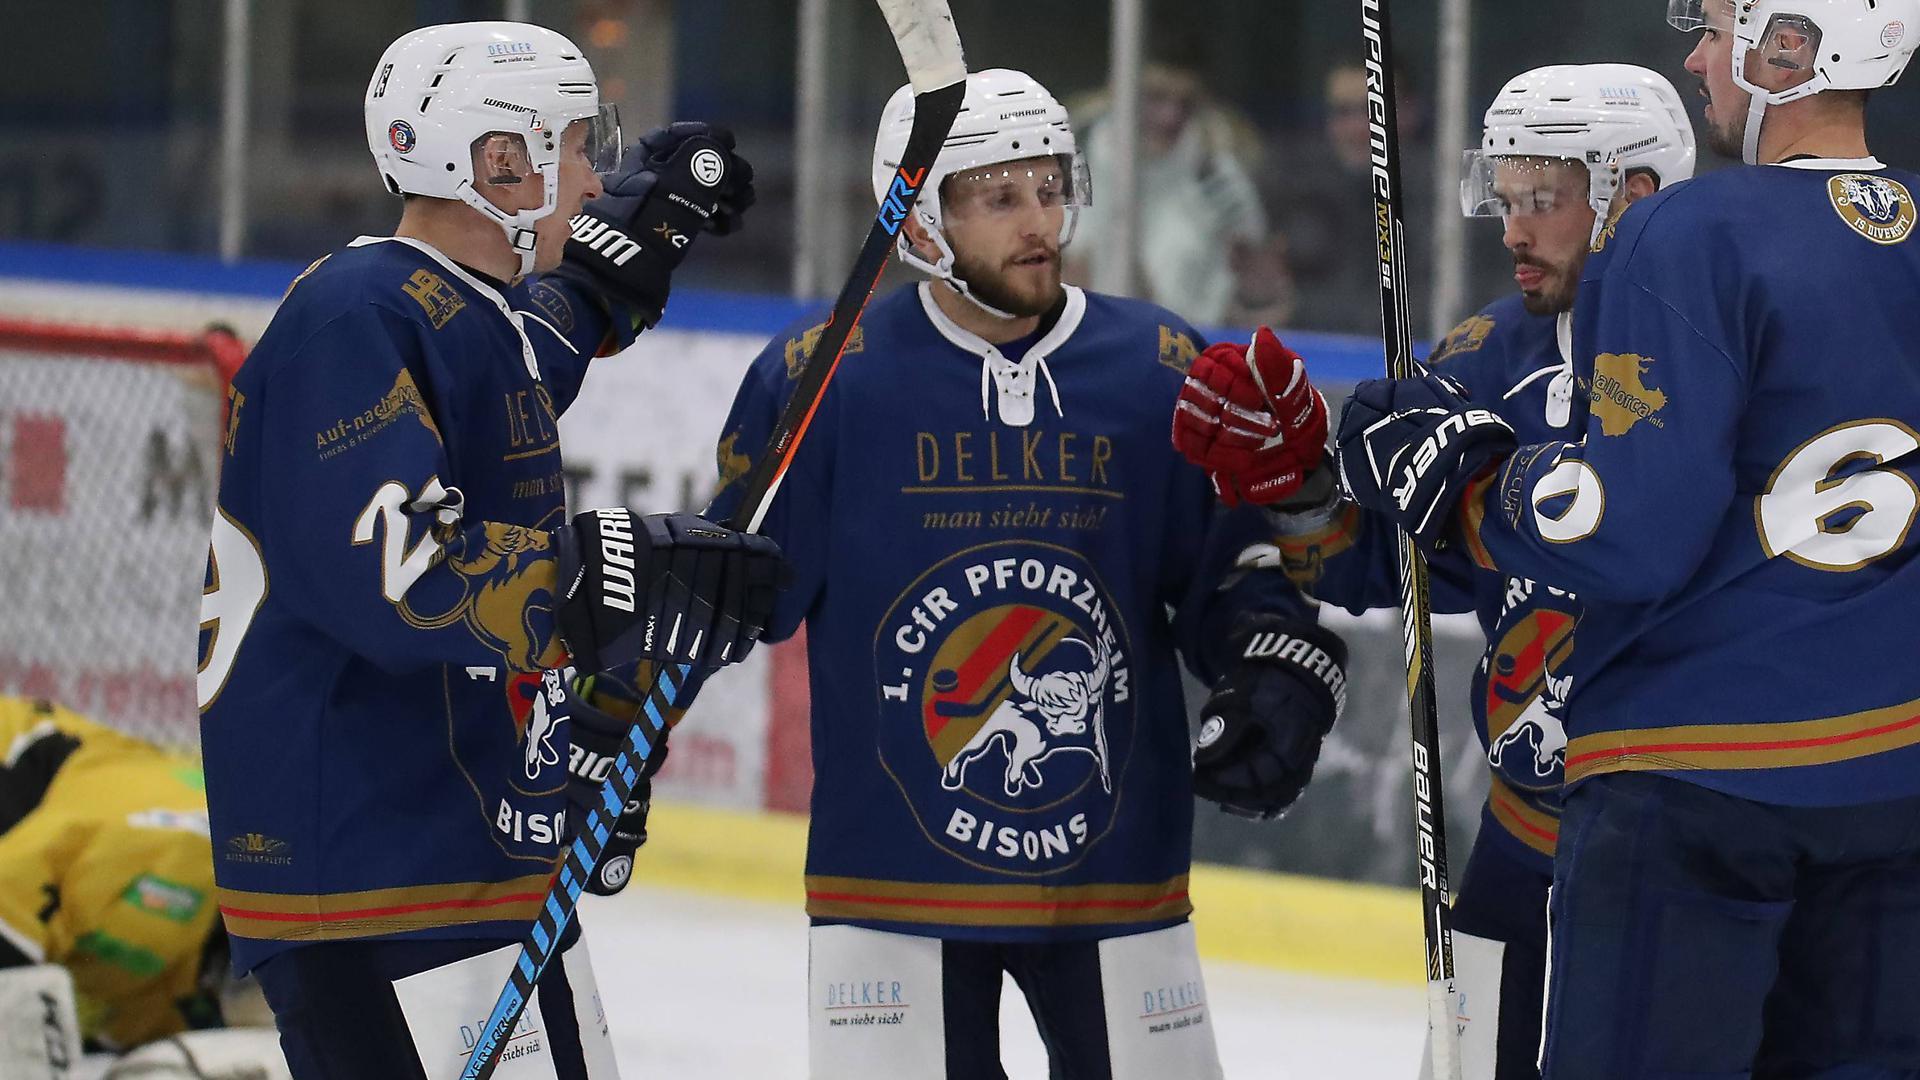 Saison 2019/20 Eishockey Bisons beim Torjubel